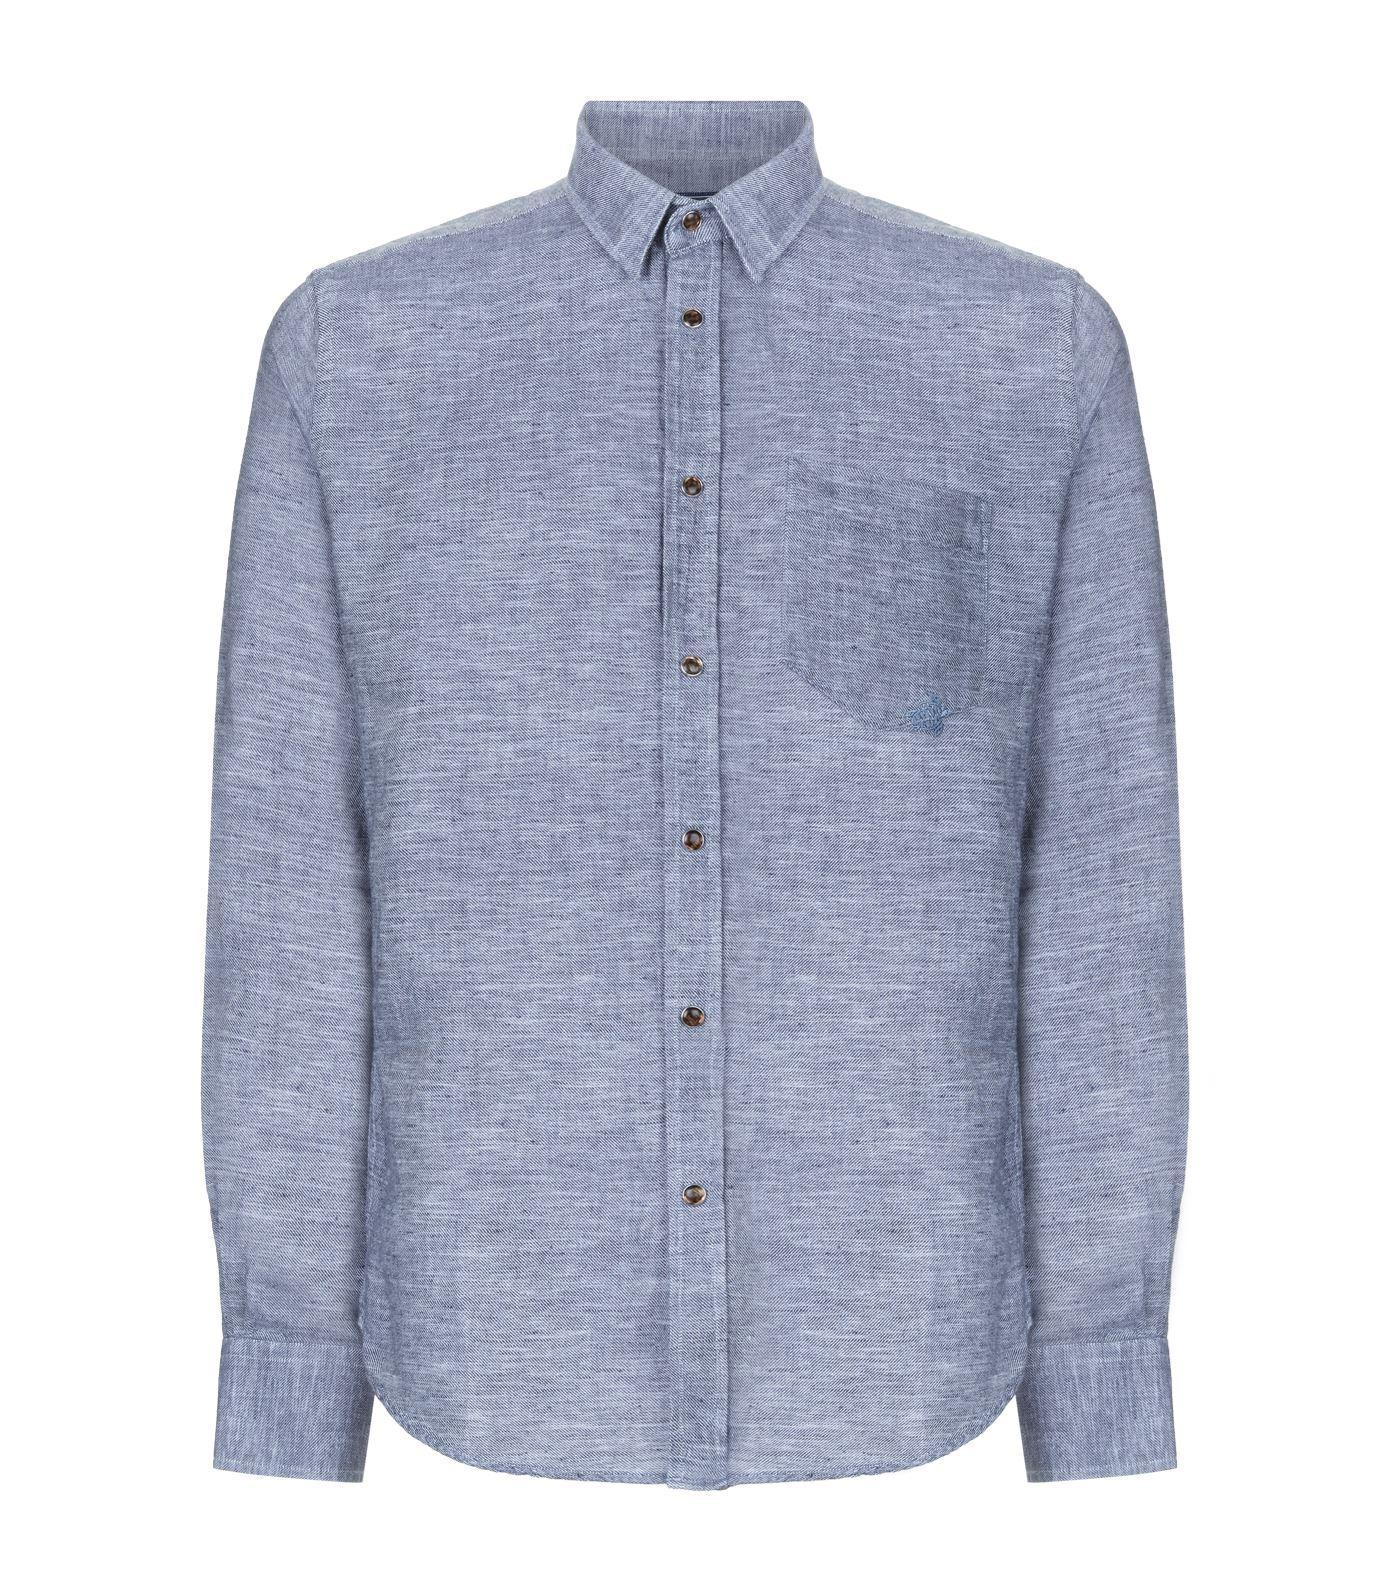 Vilebrequin Cajou Cotton Linen Shirt In Blue